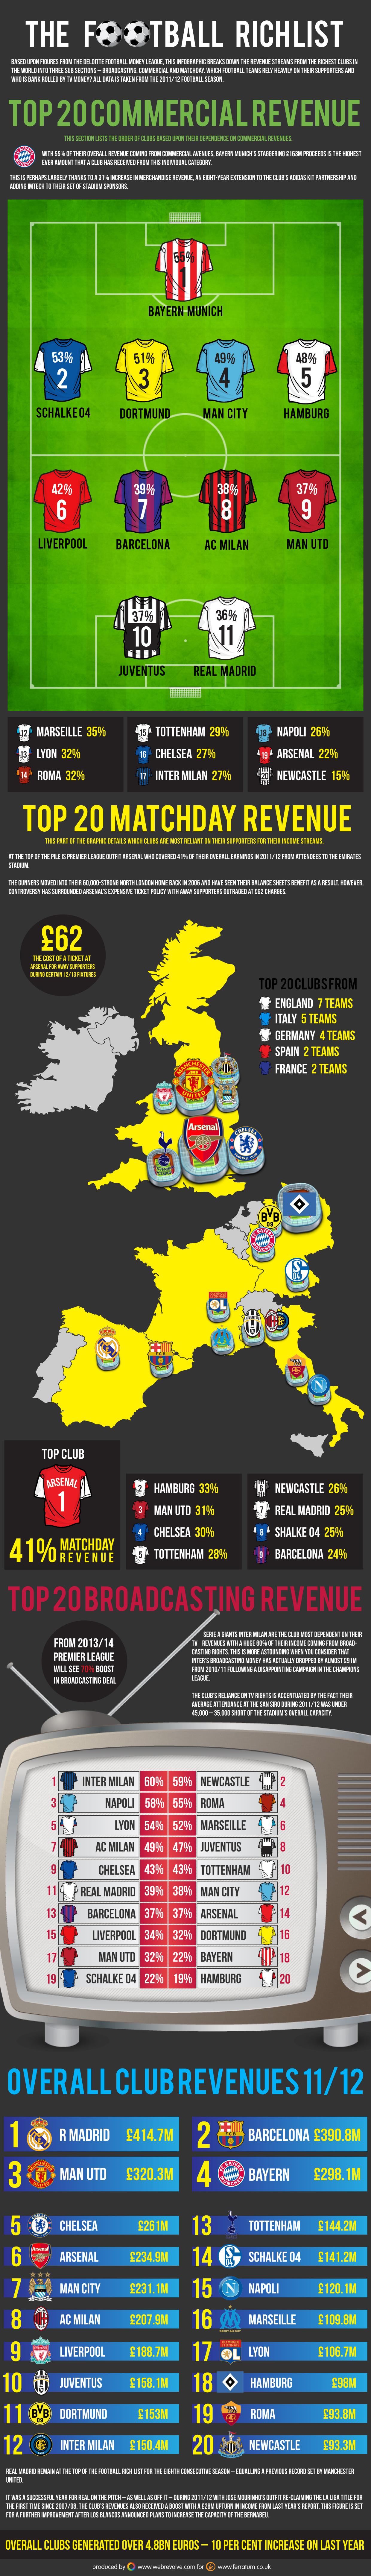 The Football (Soccer) Rich List